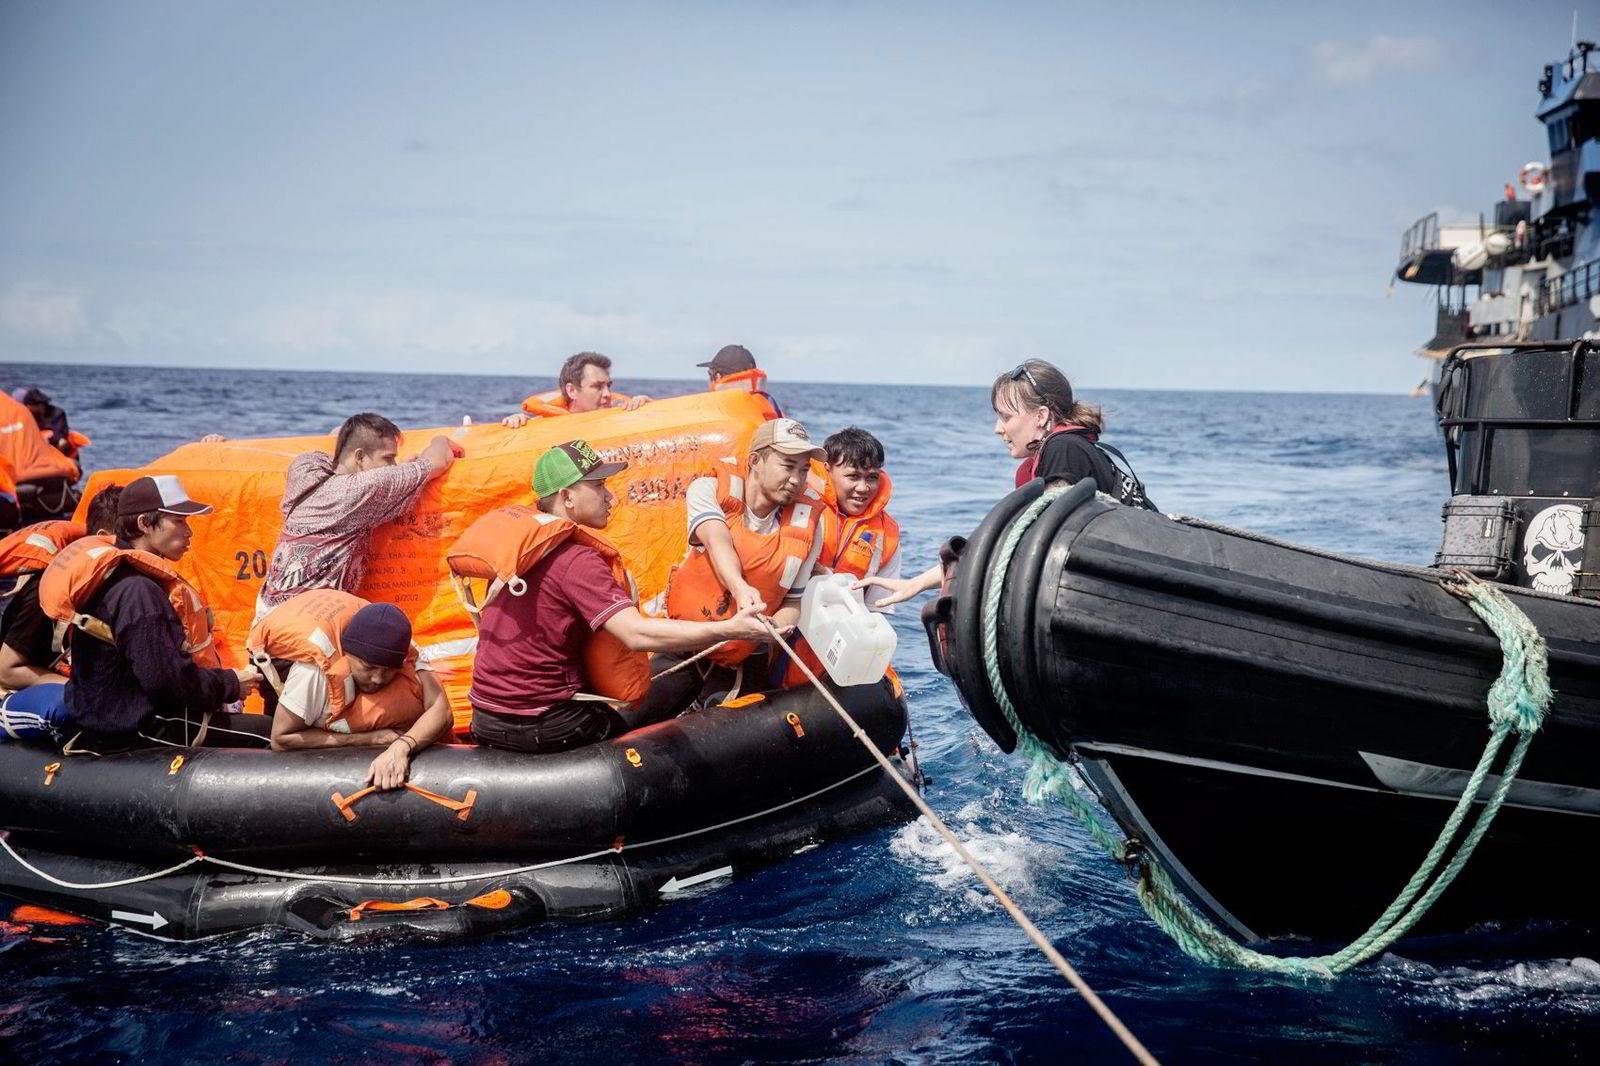 Mannskapet på «Thunder», de fleste av dem fra Indonesia, ble igår ettermiddag reddet av Sea Shepherd-aktivistene som har jaget dem i 110 døgn.